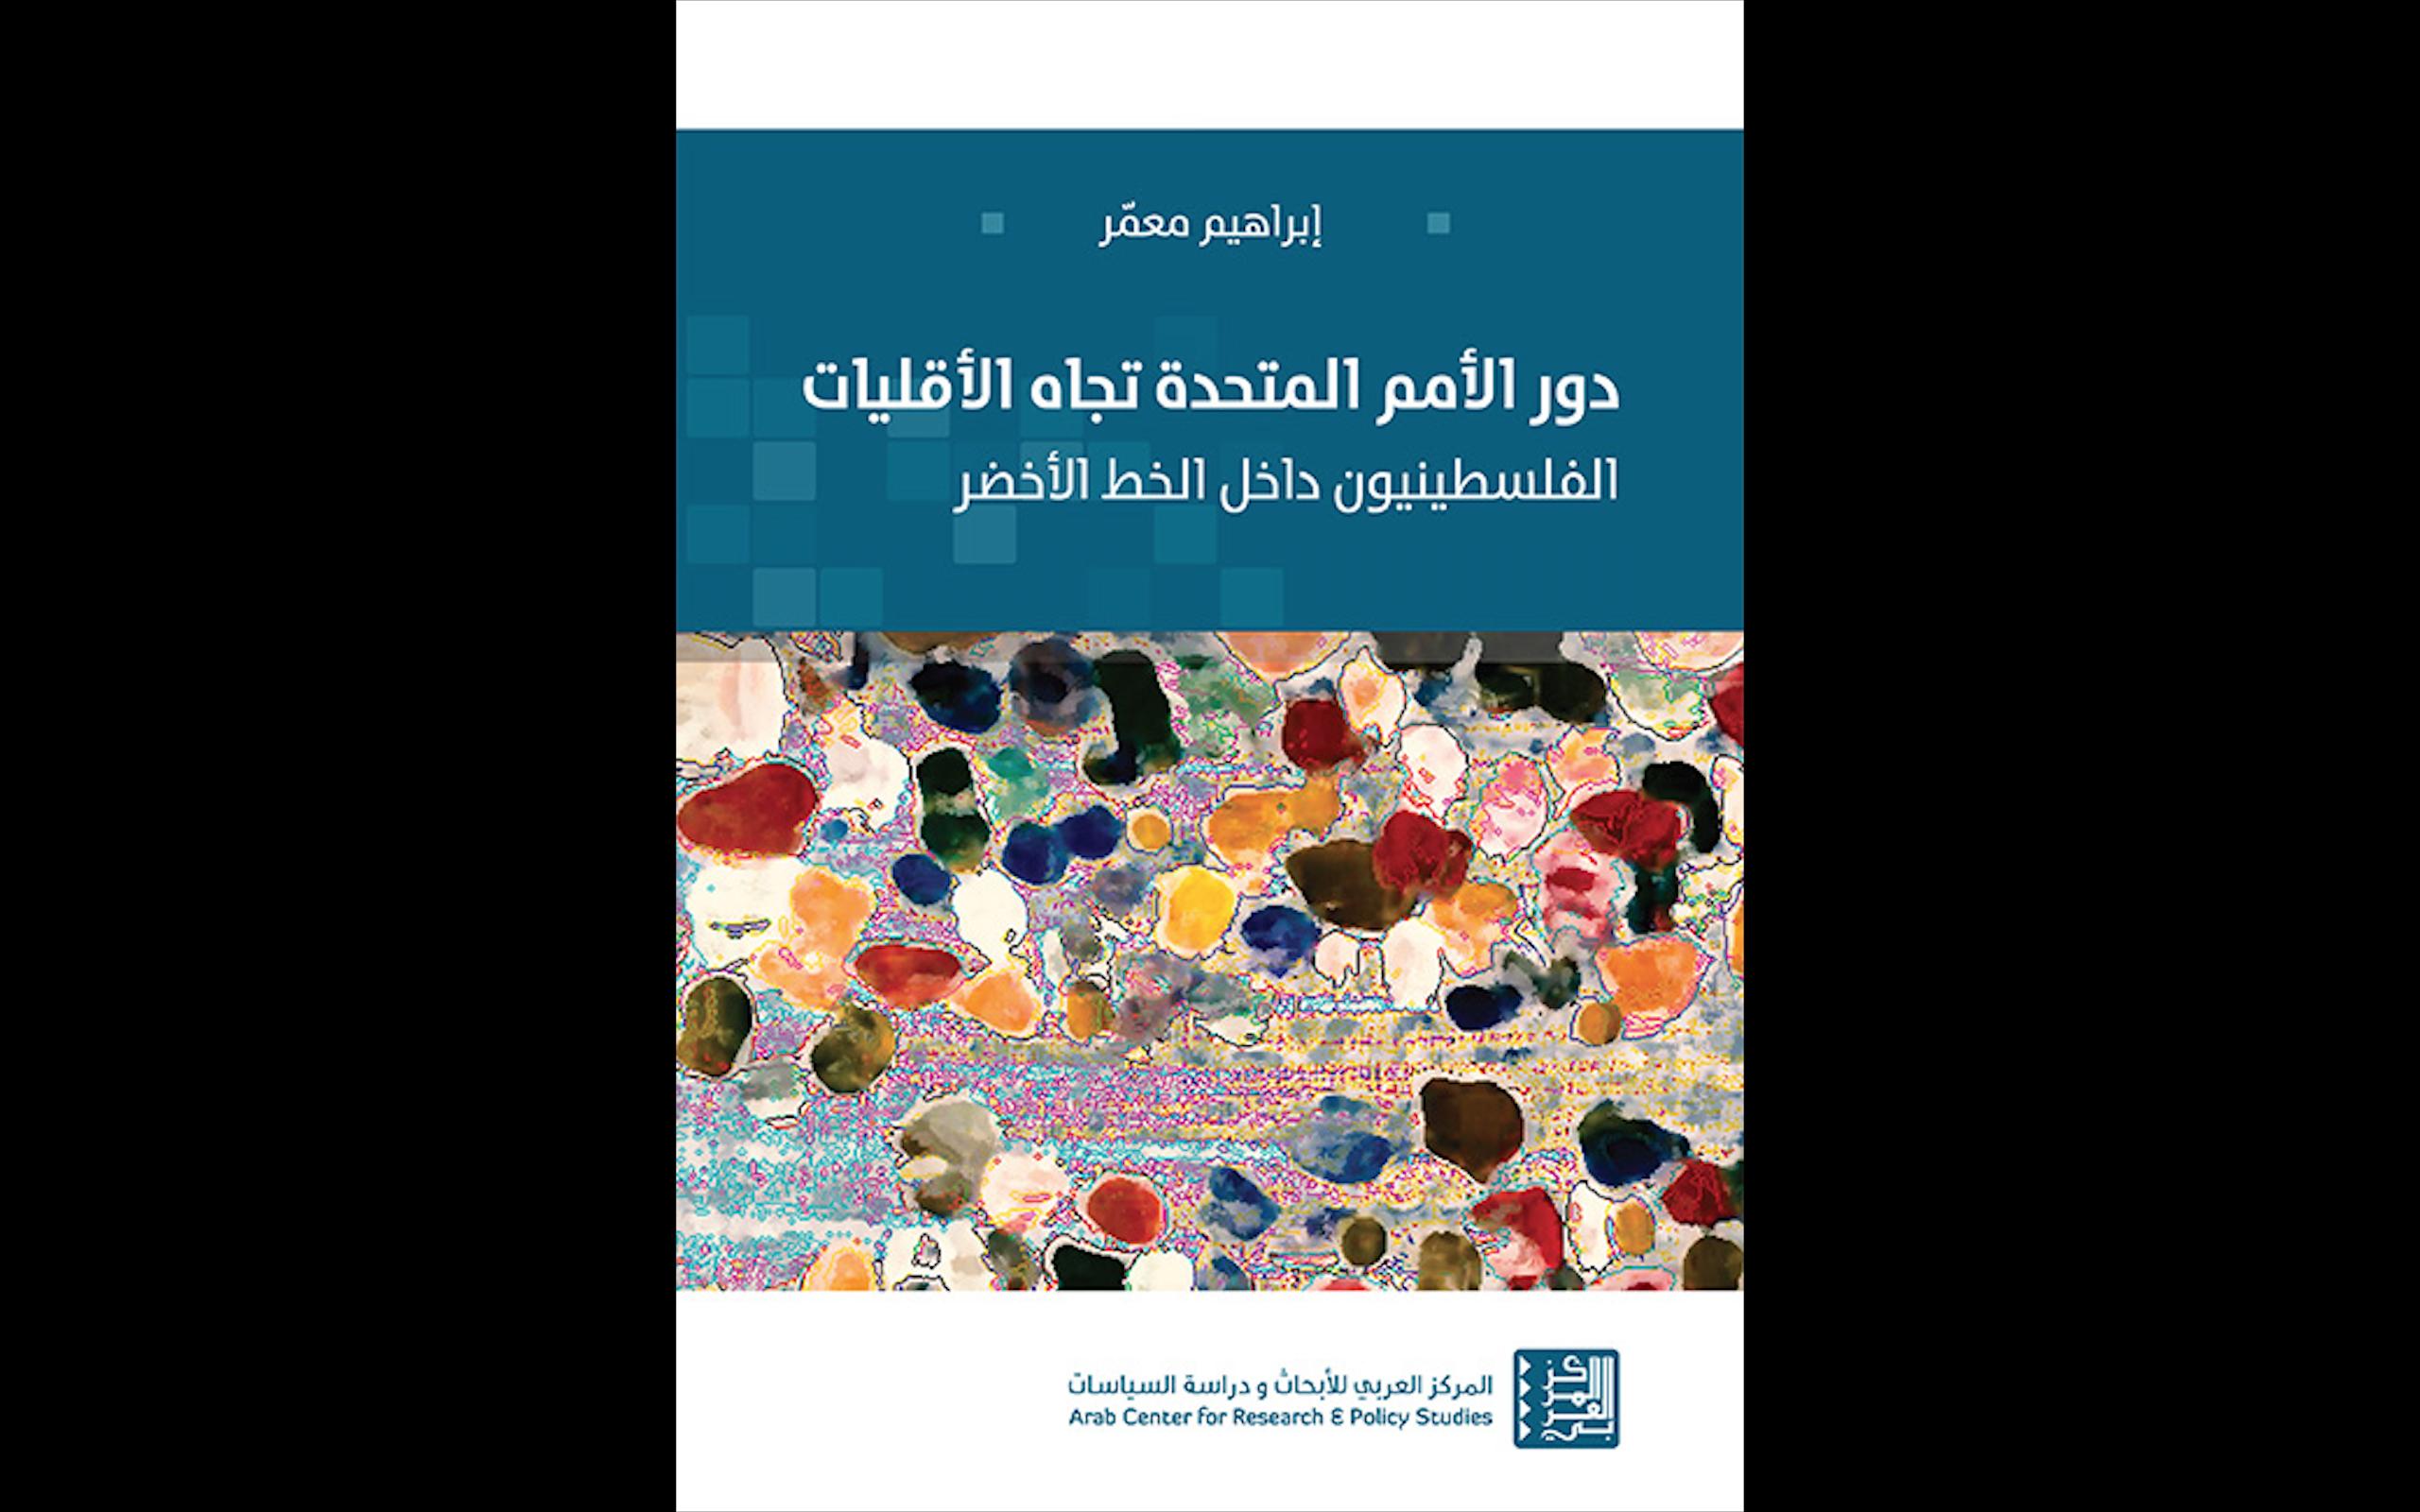 «دور الأمم المتحدة تجاه الأقليات: الفلسطينيون داخل الخط الأخضر» عن المركز العربي للأبحاث ودراسة السياسات